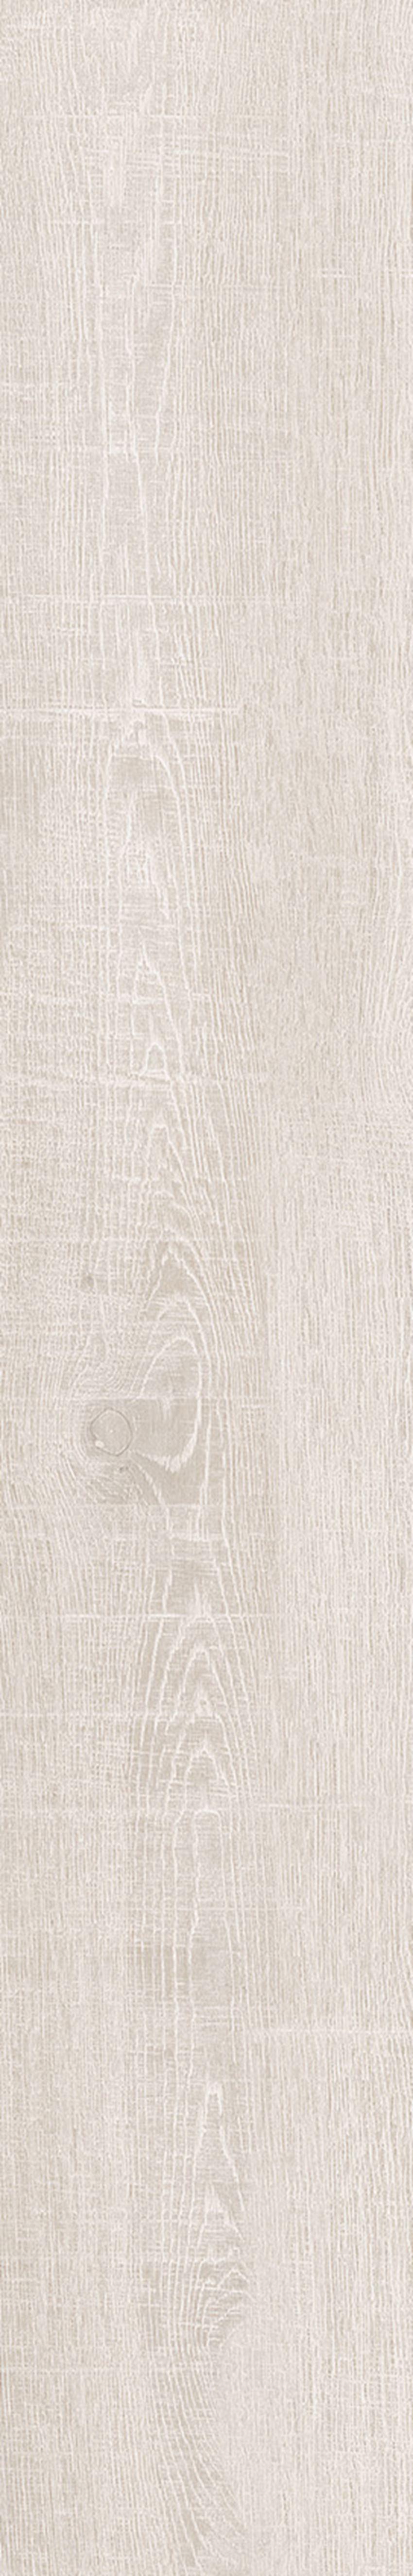 Płytka podłogowa drewnopodobna Cerrad Nickwood Bianco 20x120